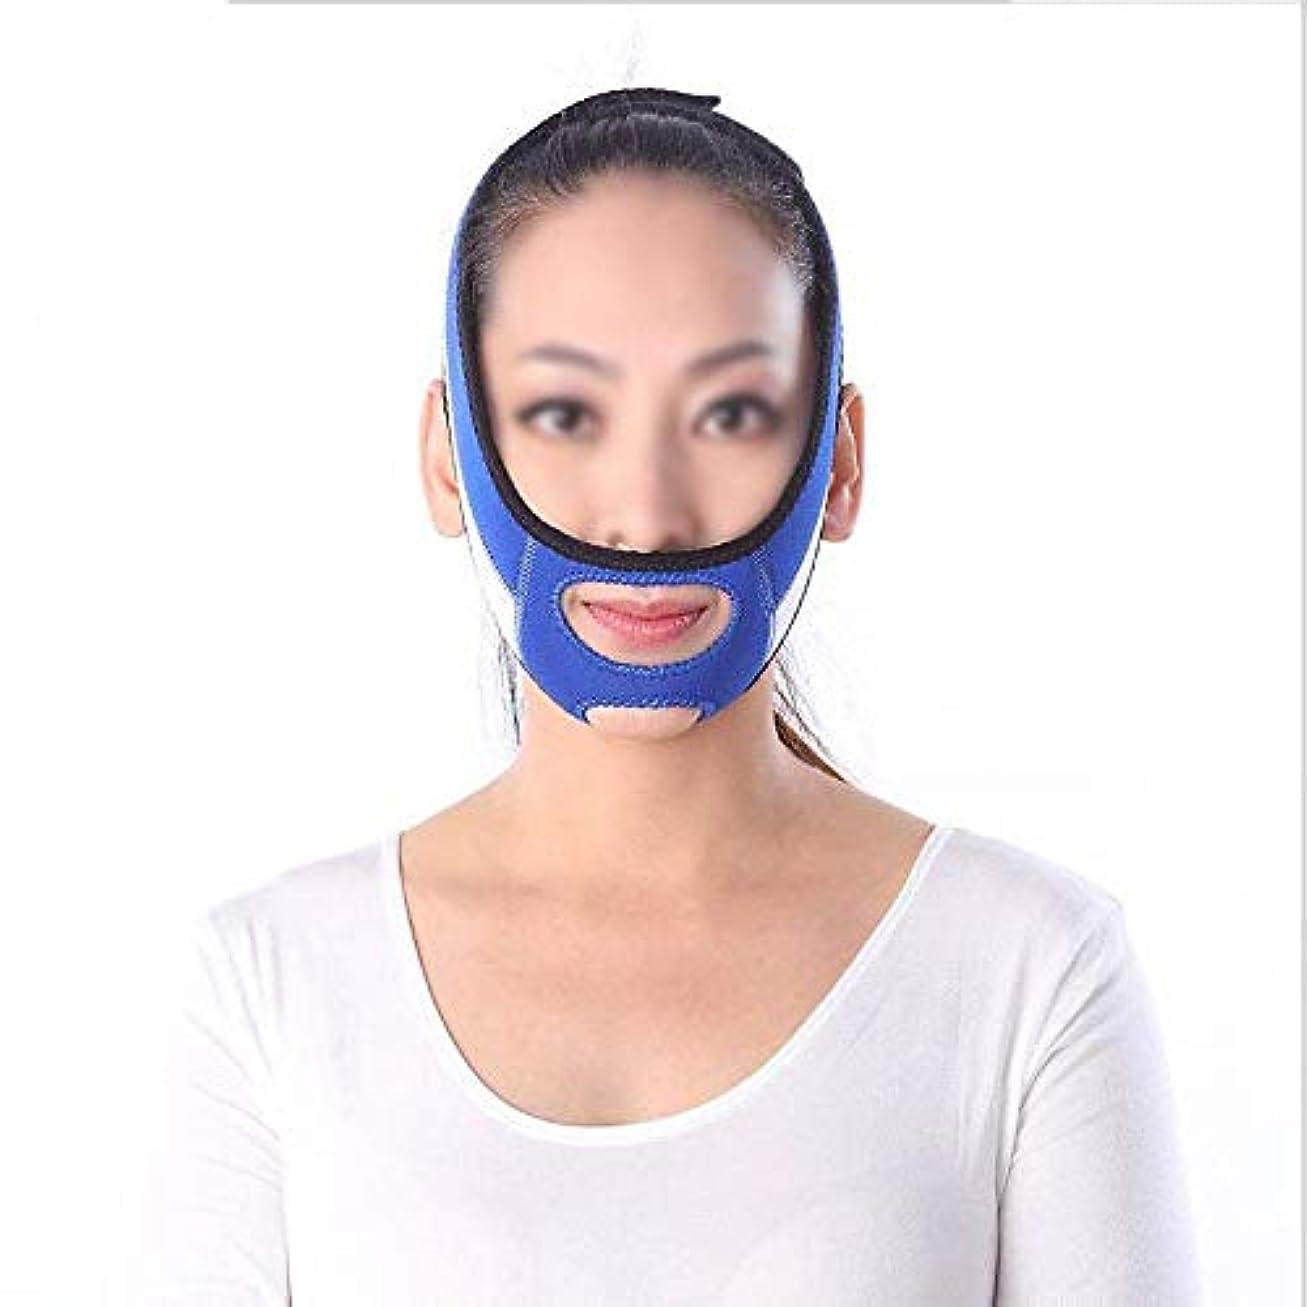 はぁ燃料直面するフェイスリフティングマスク、リフティングロウパターンバンデージラインカービングリペアツールフェイスリフティングアーティファクトファーミングスキンスモールVフェイスバンド